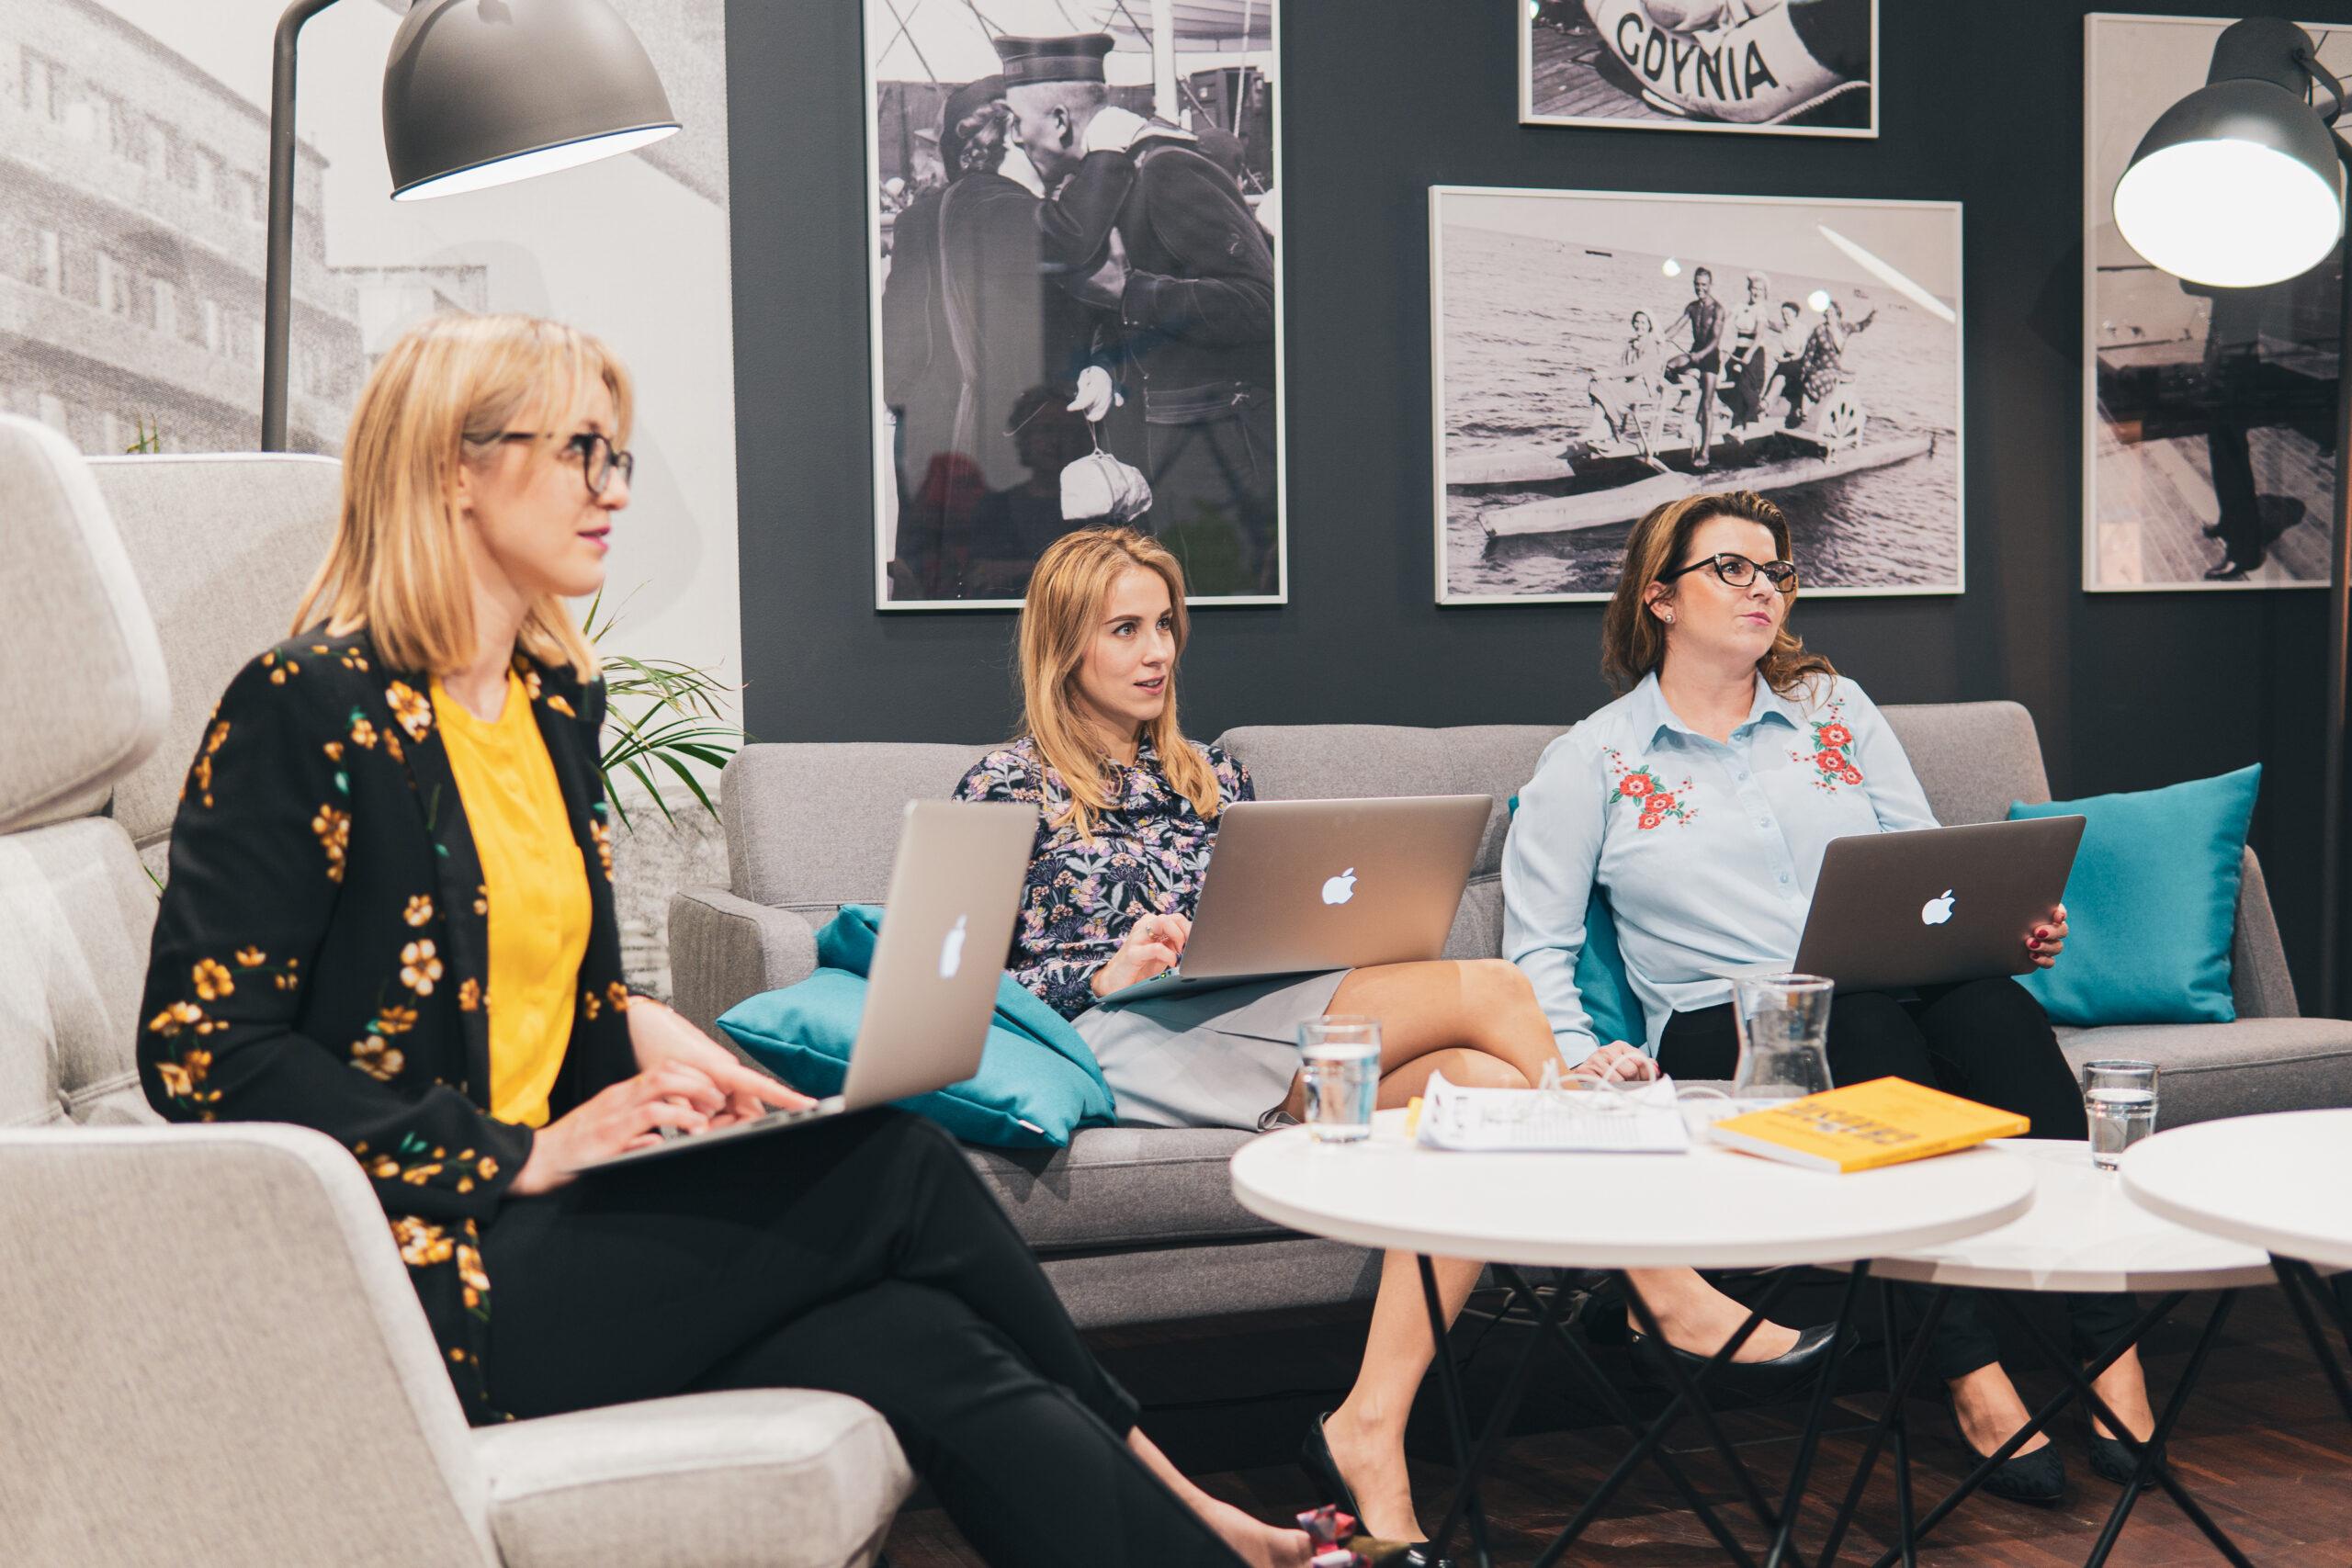 kobiety w biurze pracujące przy laptopie